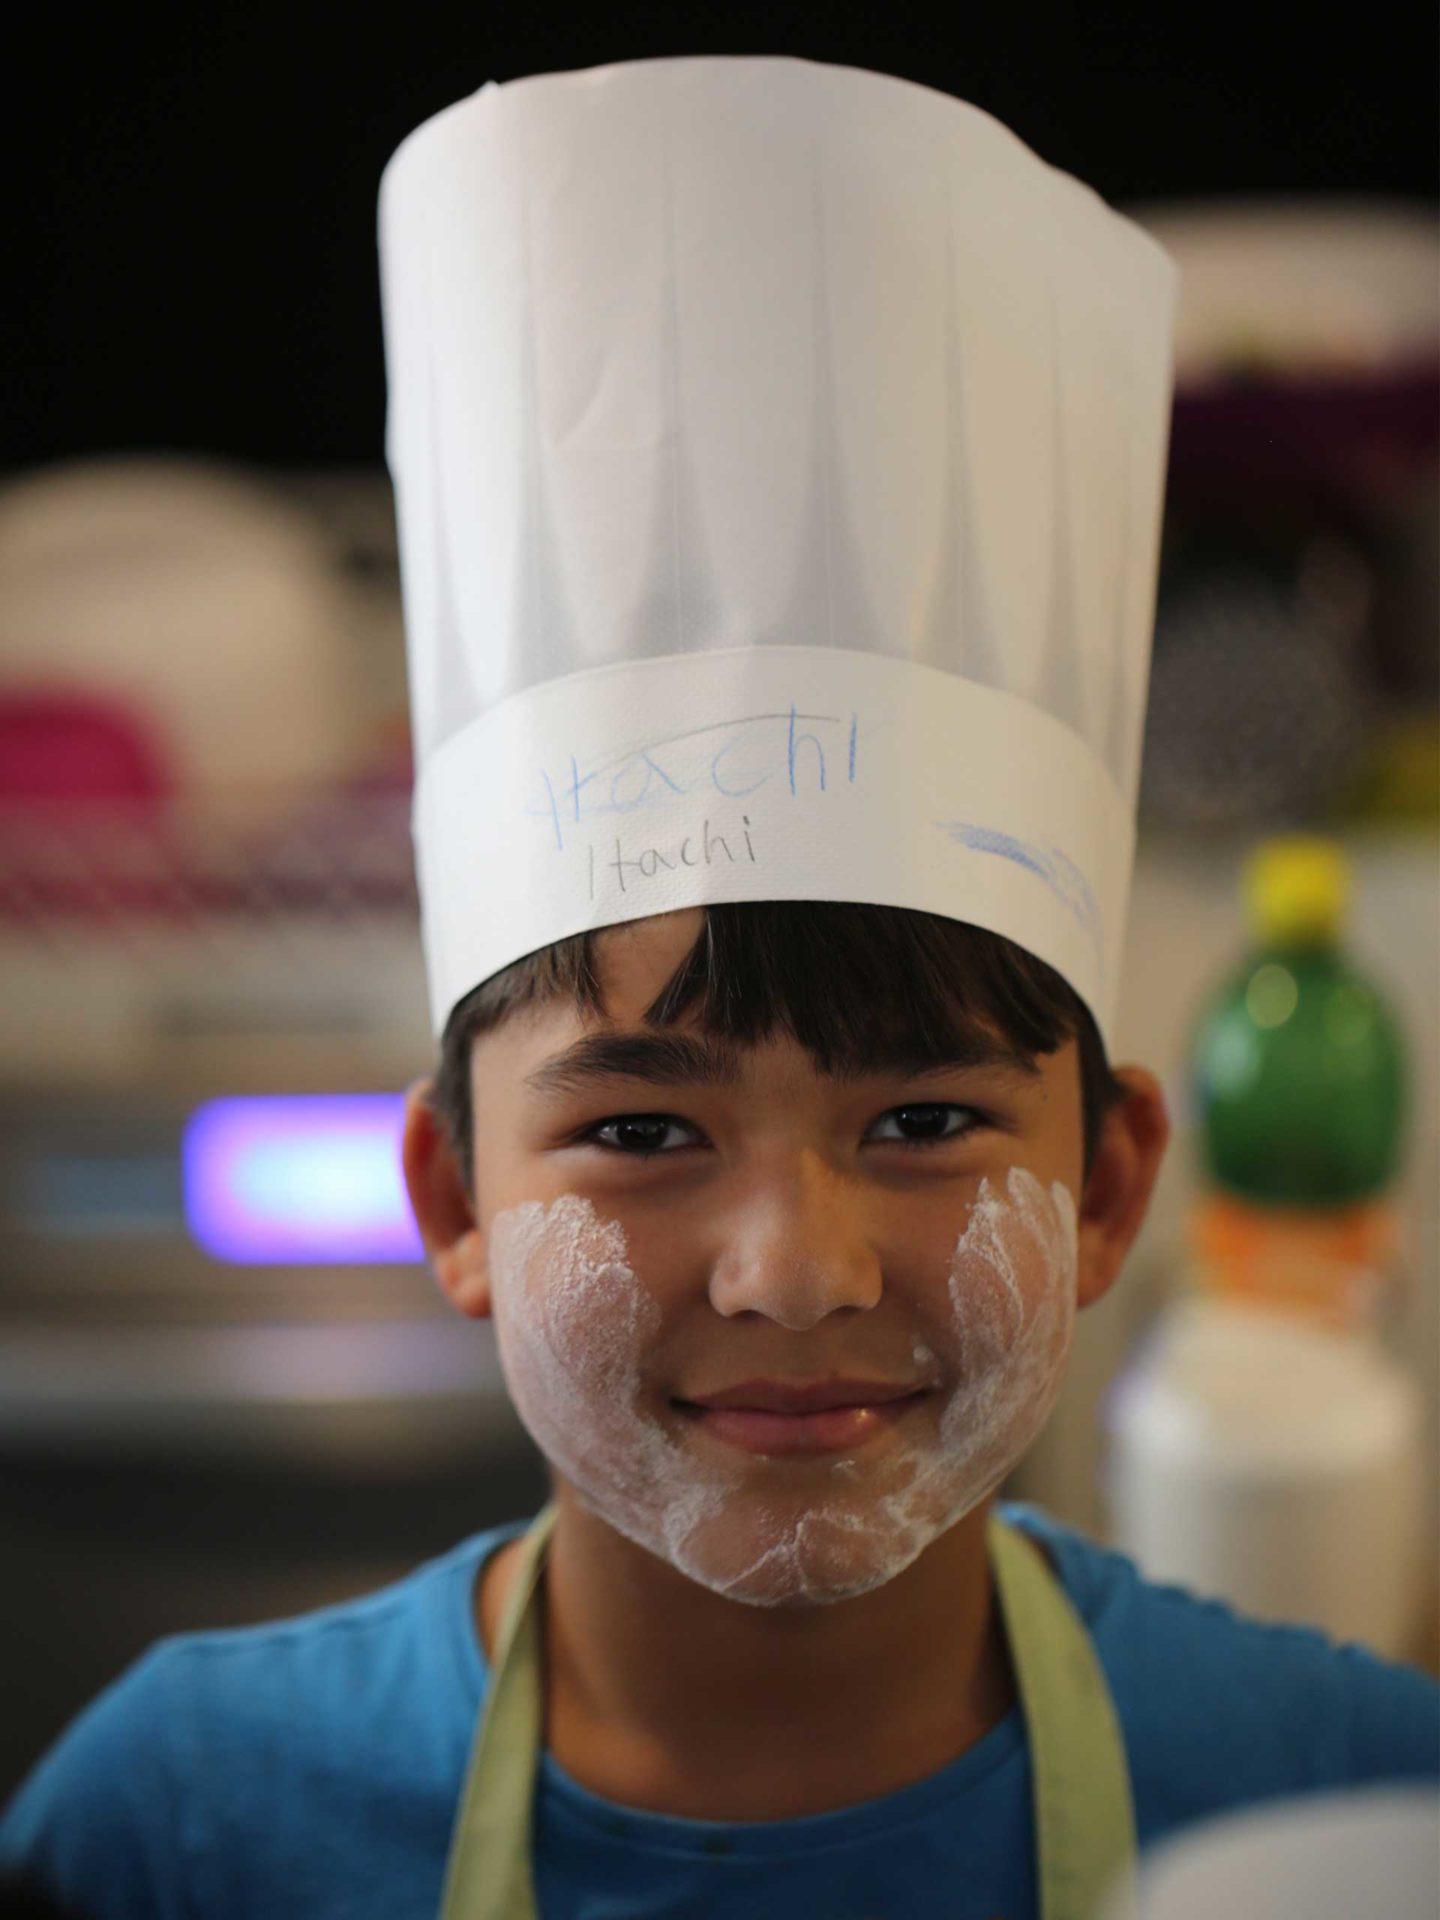 Aktion Mahlzeit. Der kleine Hachi ist fleißig beim Backen dabei gewesen. Sein Gesicht ist voll mit Mehl bedeckt.